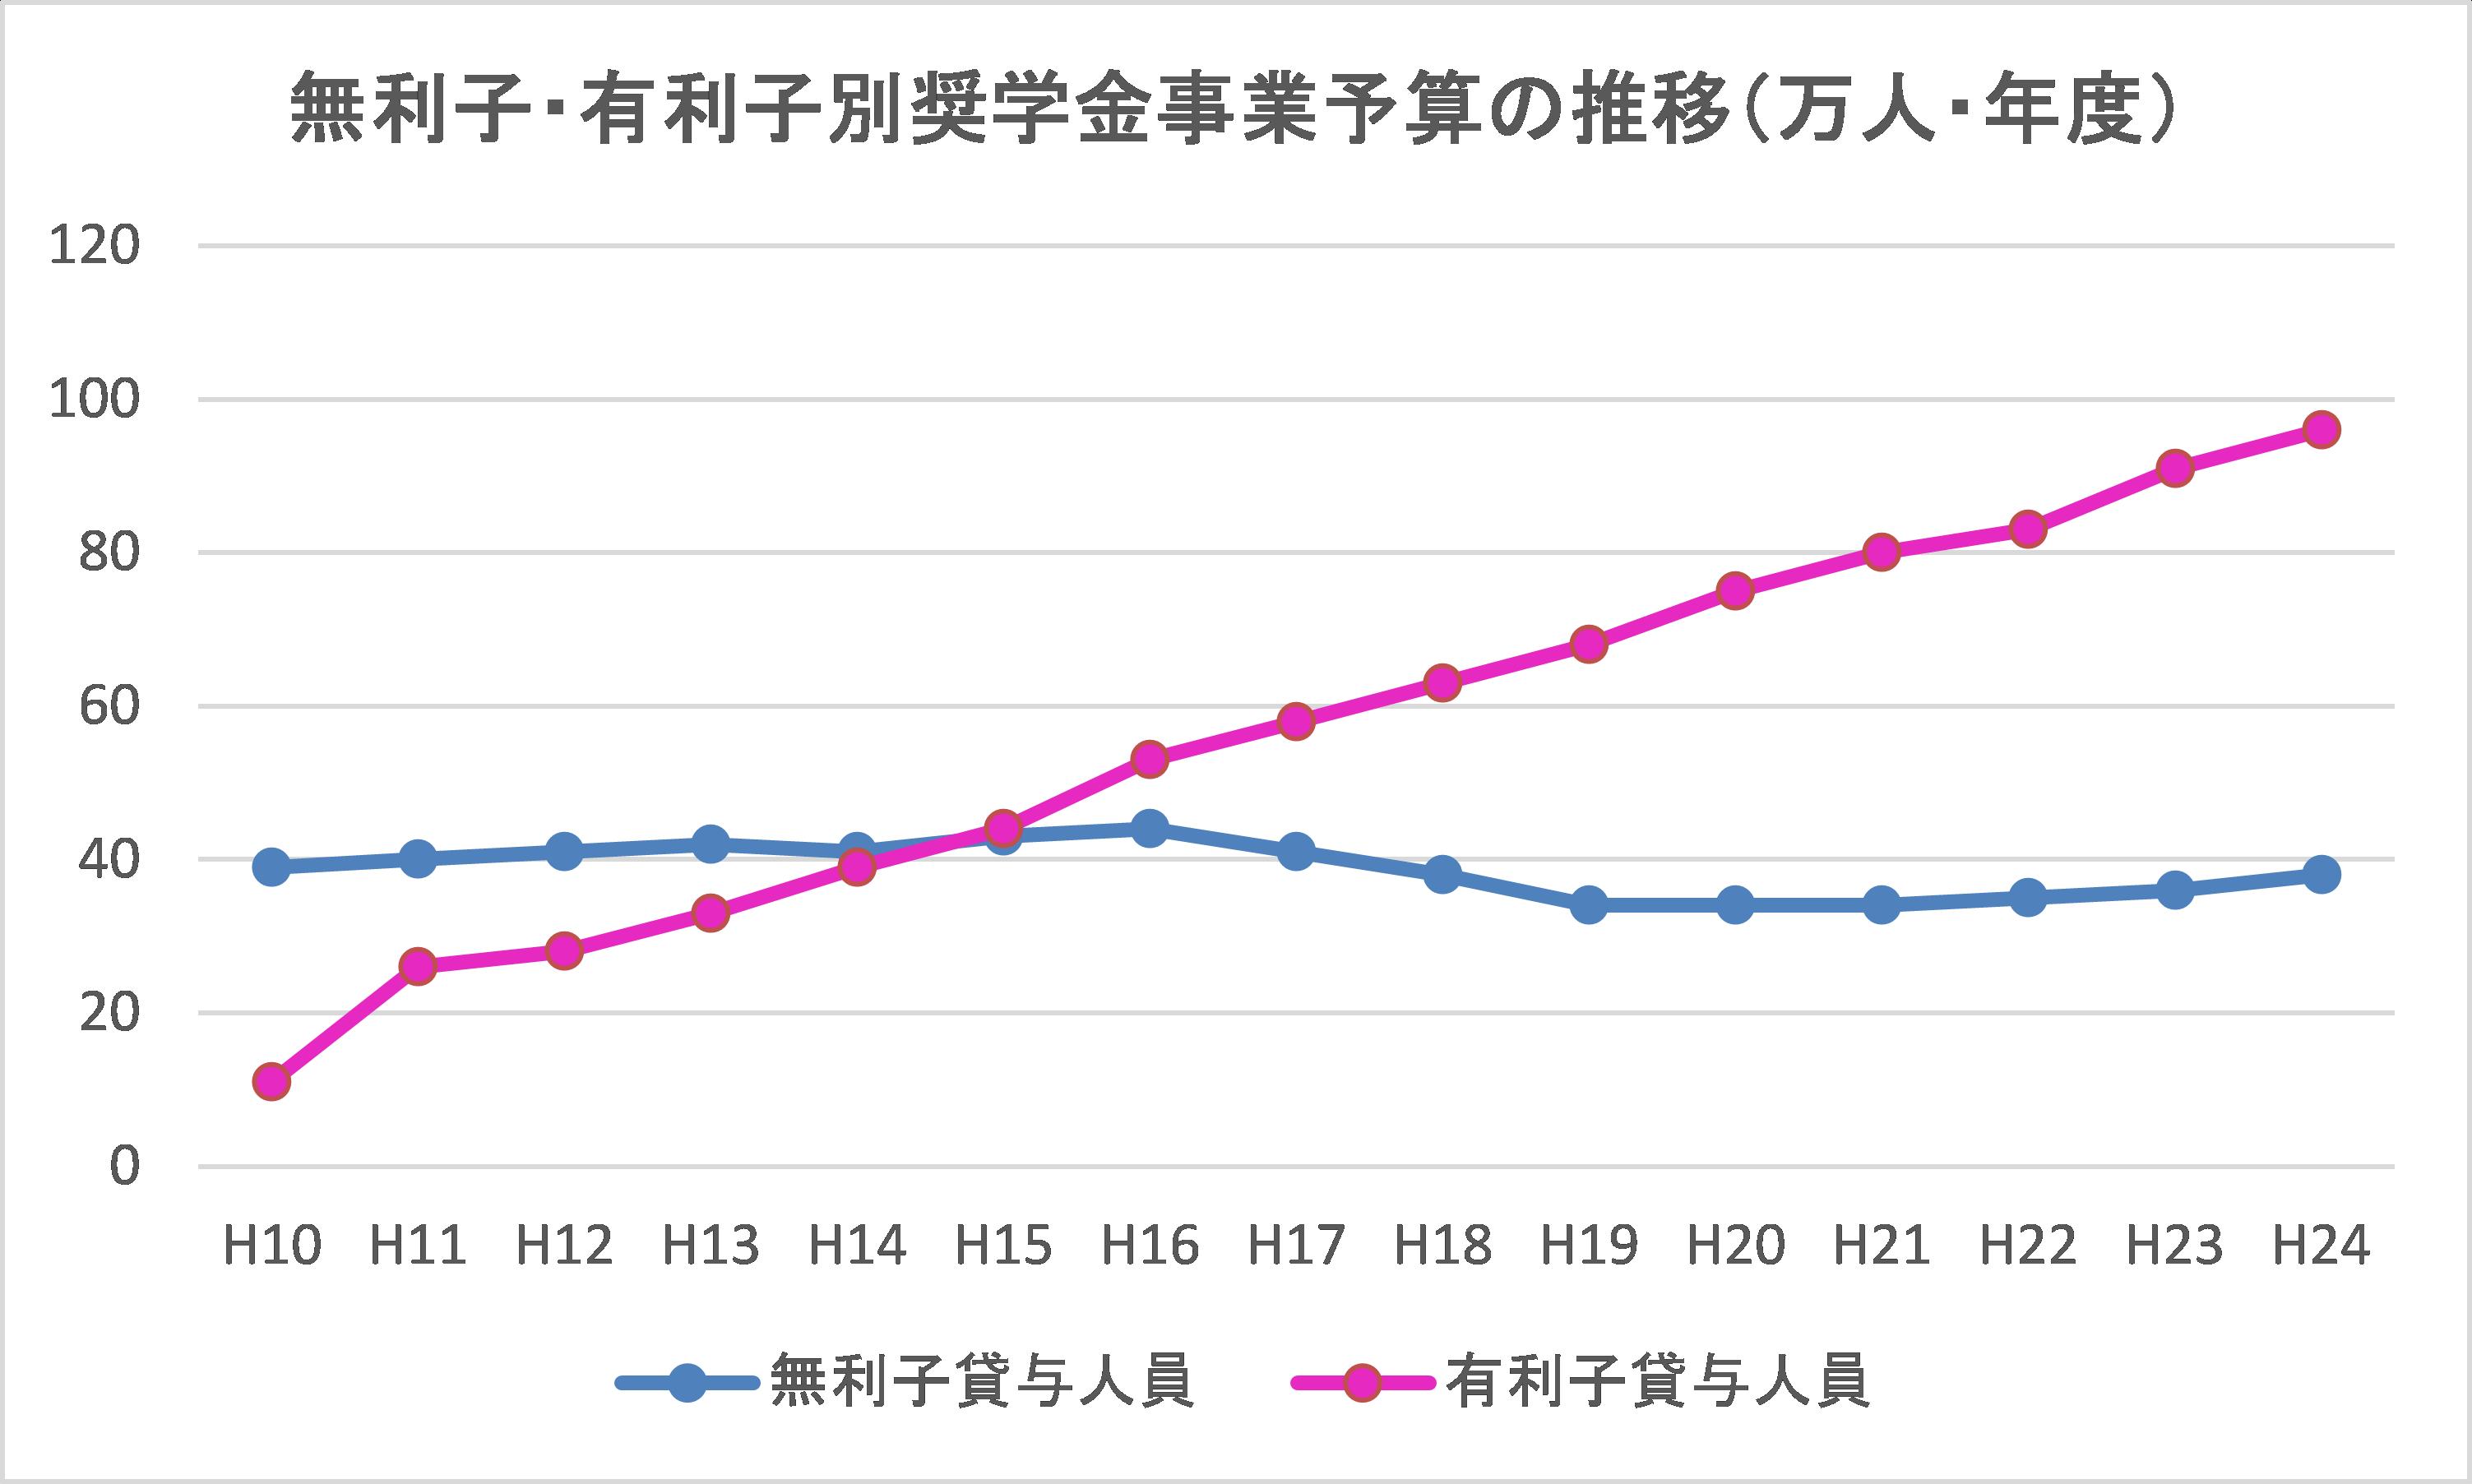 無利子・有利子別奨学金事業予算の推移